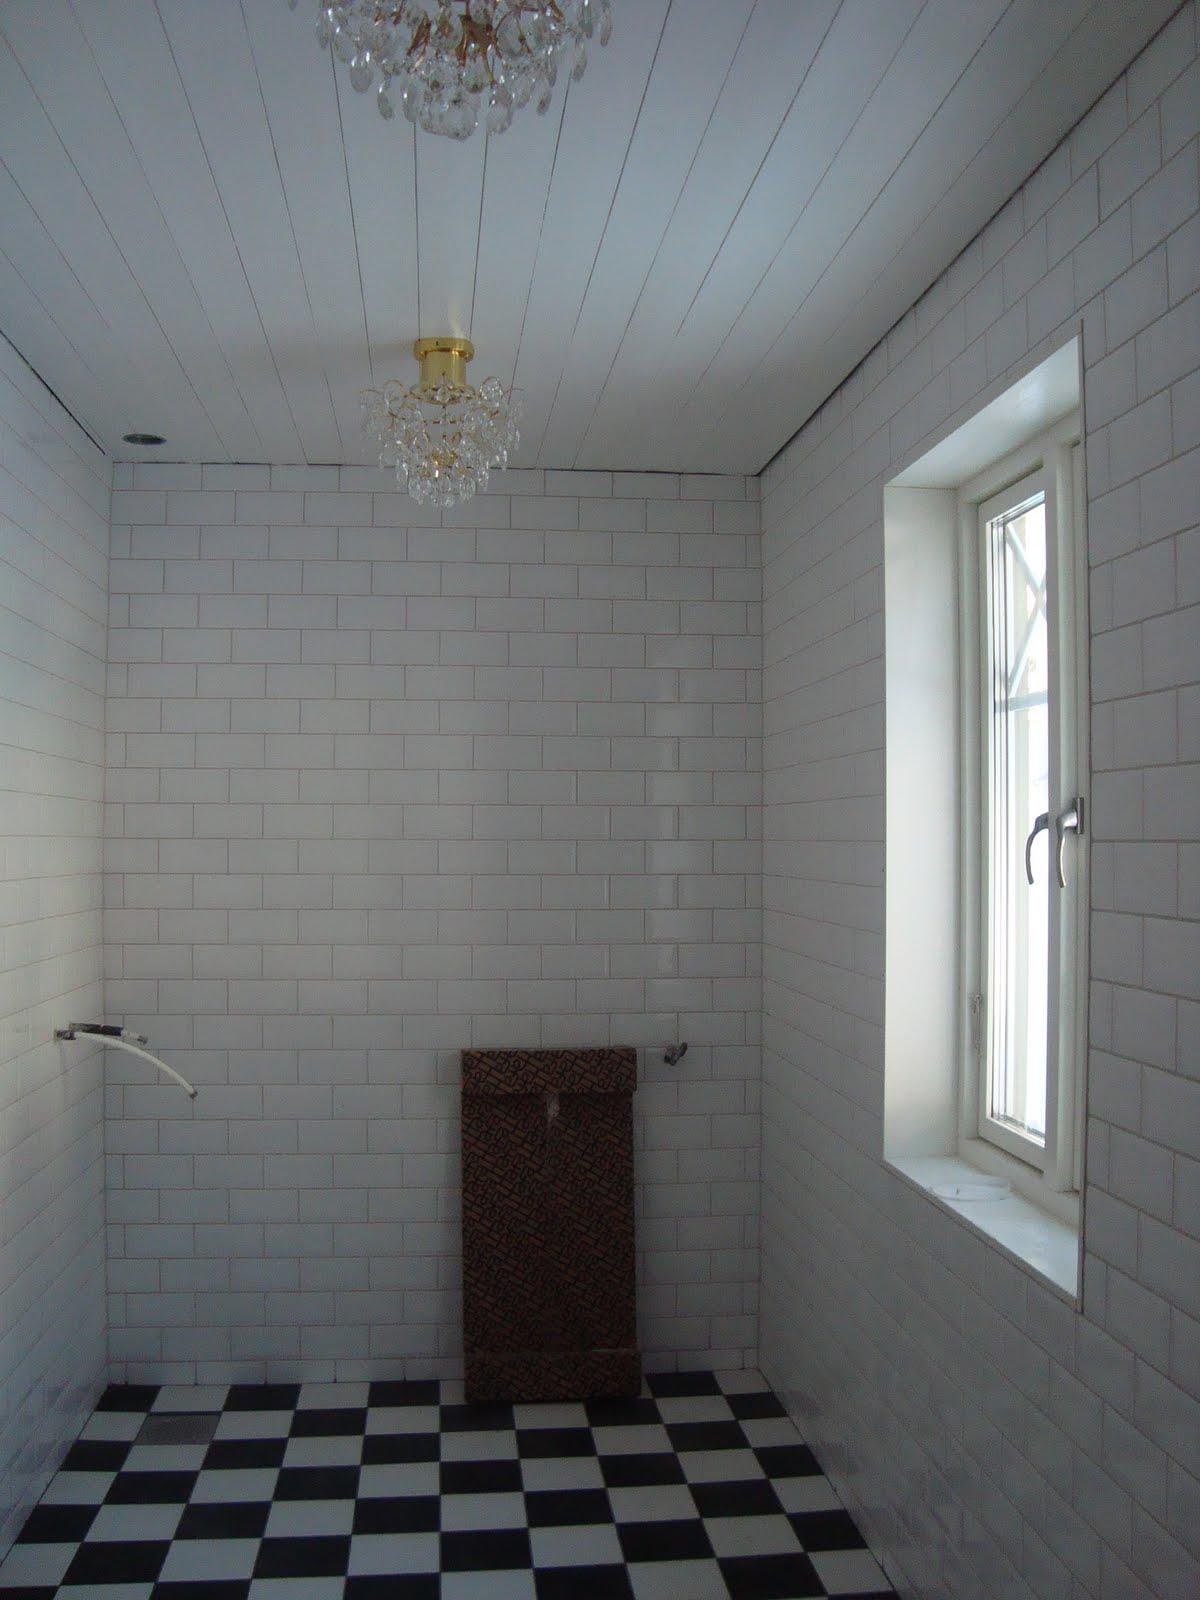 Claras hem pÅ byvÄgen : december 2010